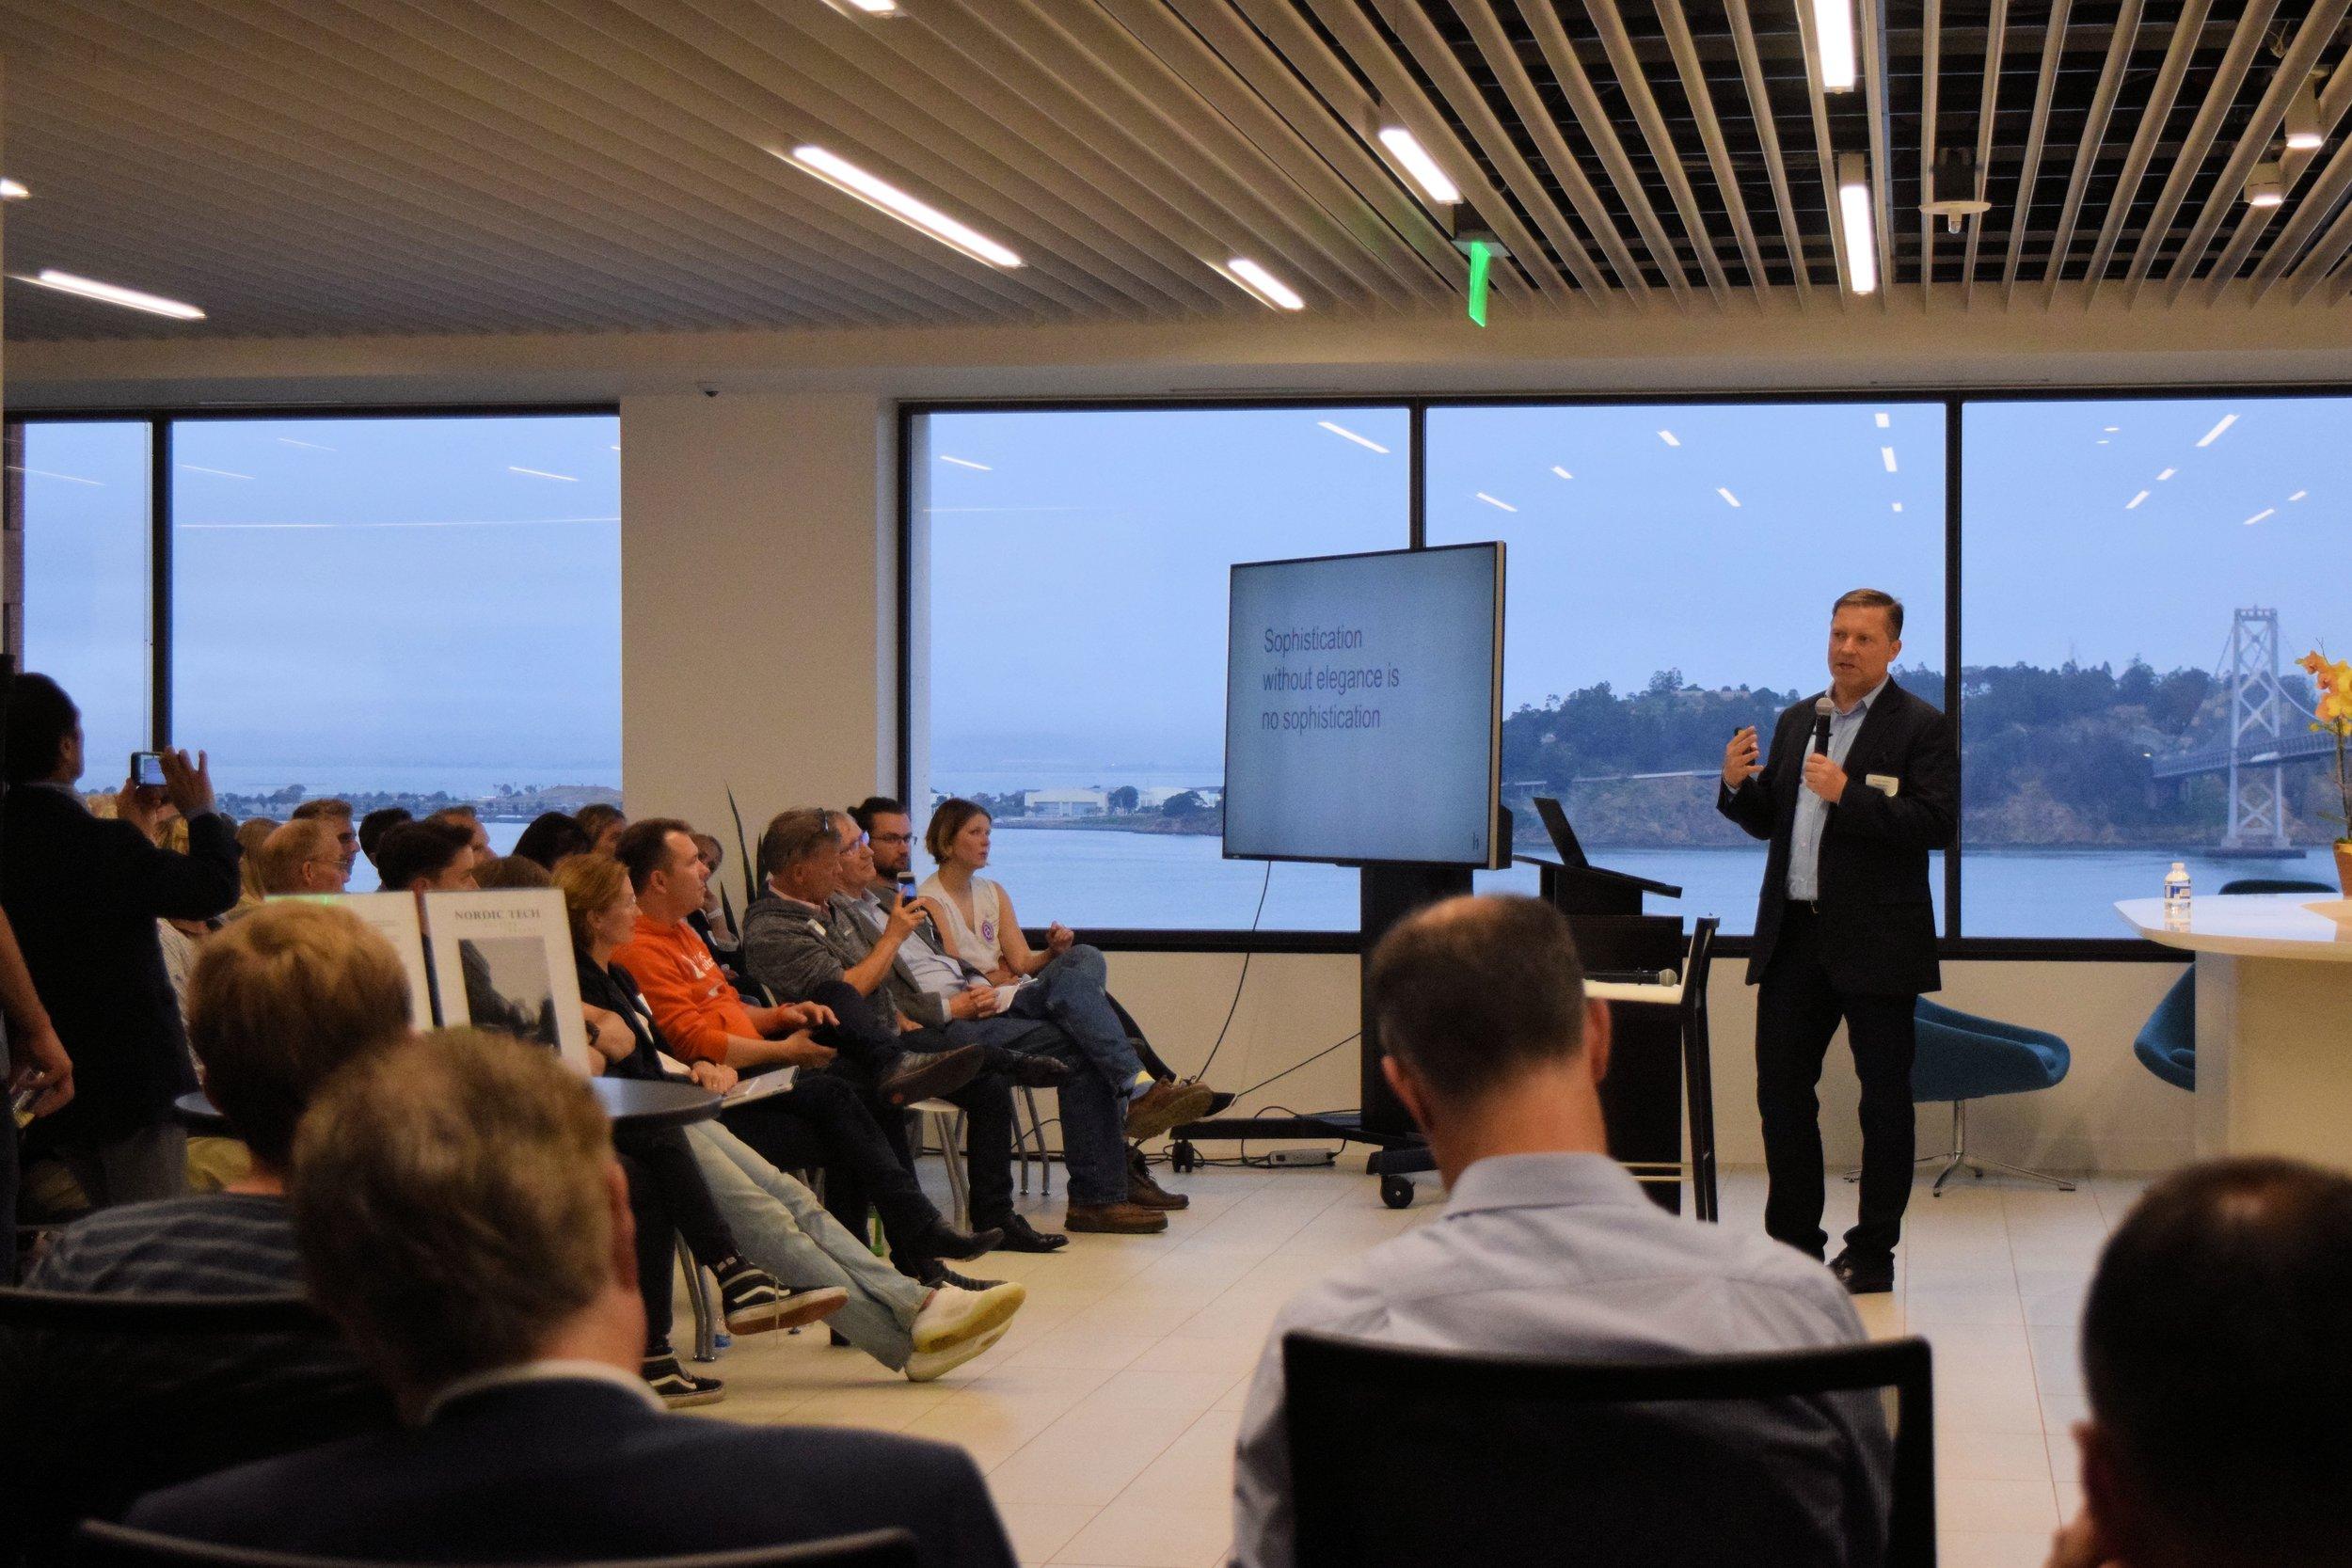 KEYNOTE: MARTEN MICKOS, CEO OF HACKERONE AND FORMER FOUNDER OF MYSQL